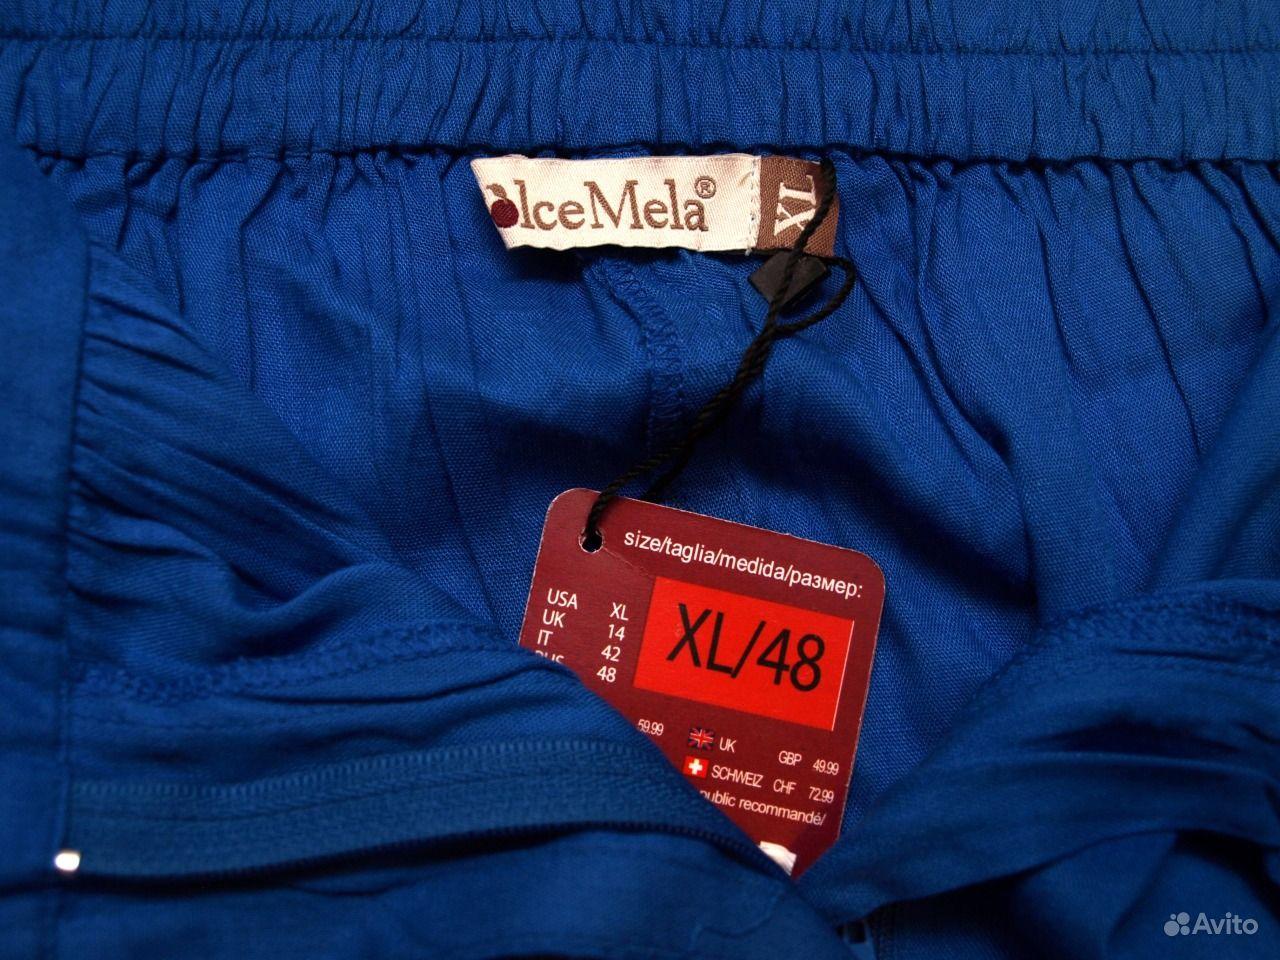 Dolce mela одежда каталог - Женская одежда